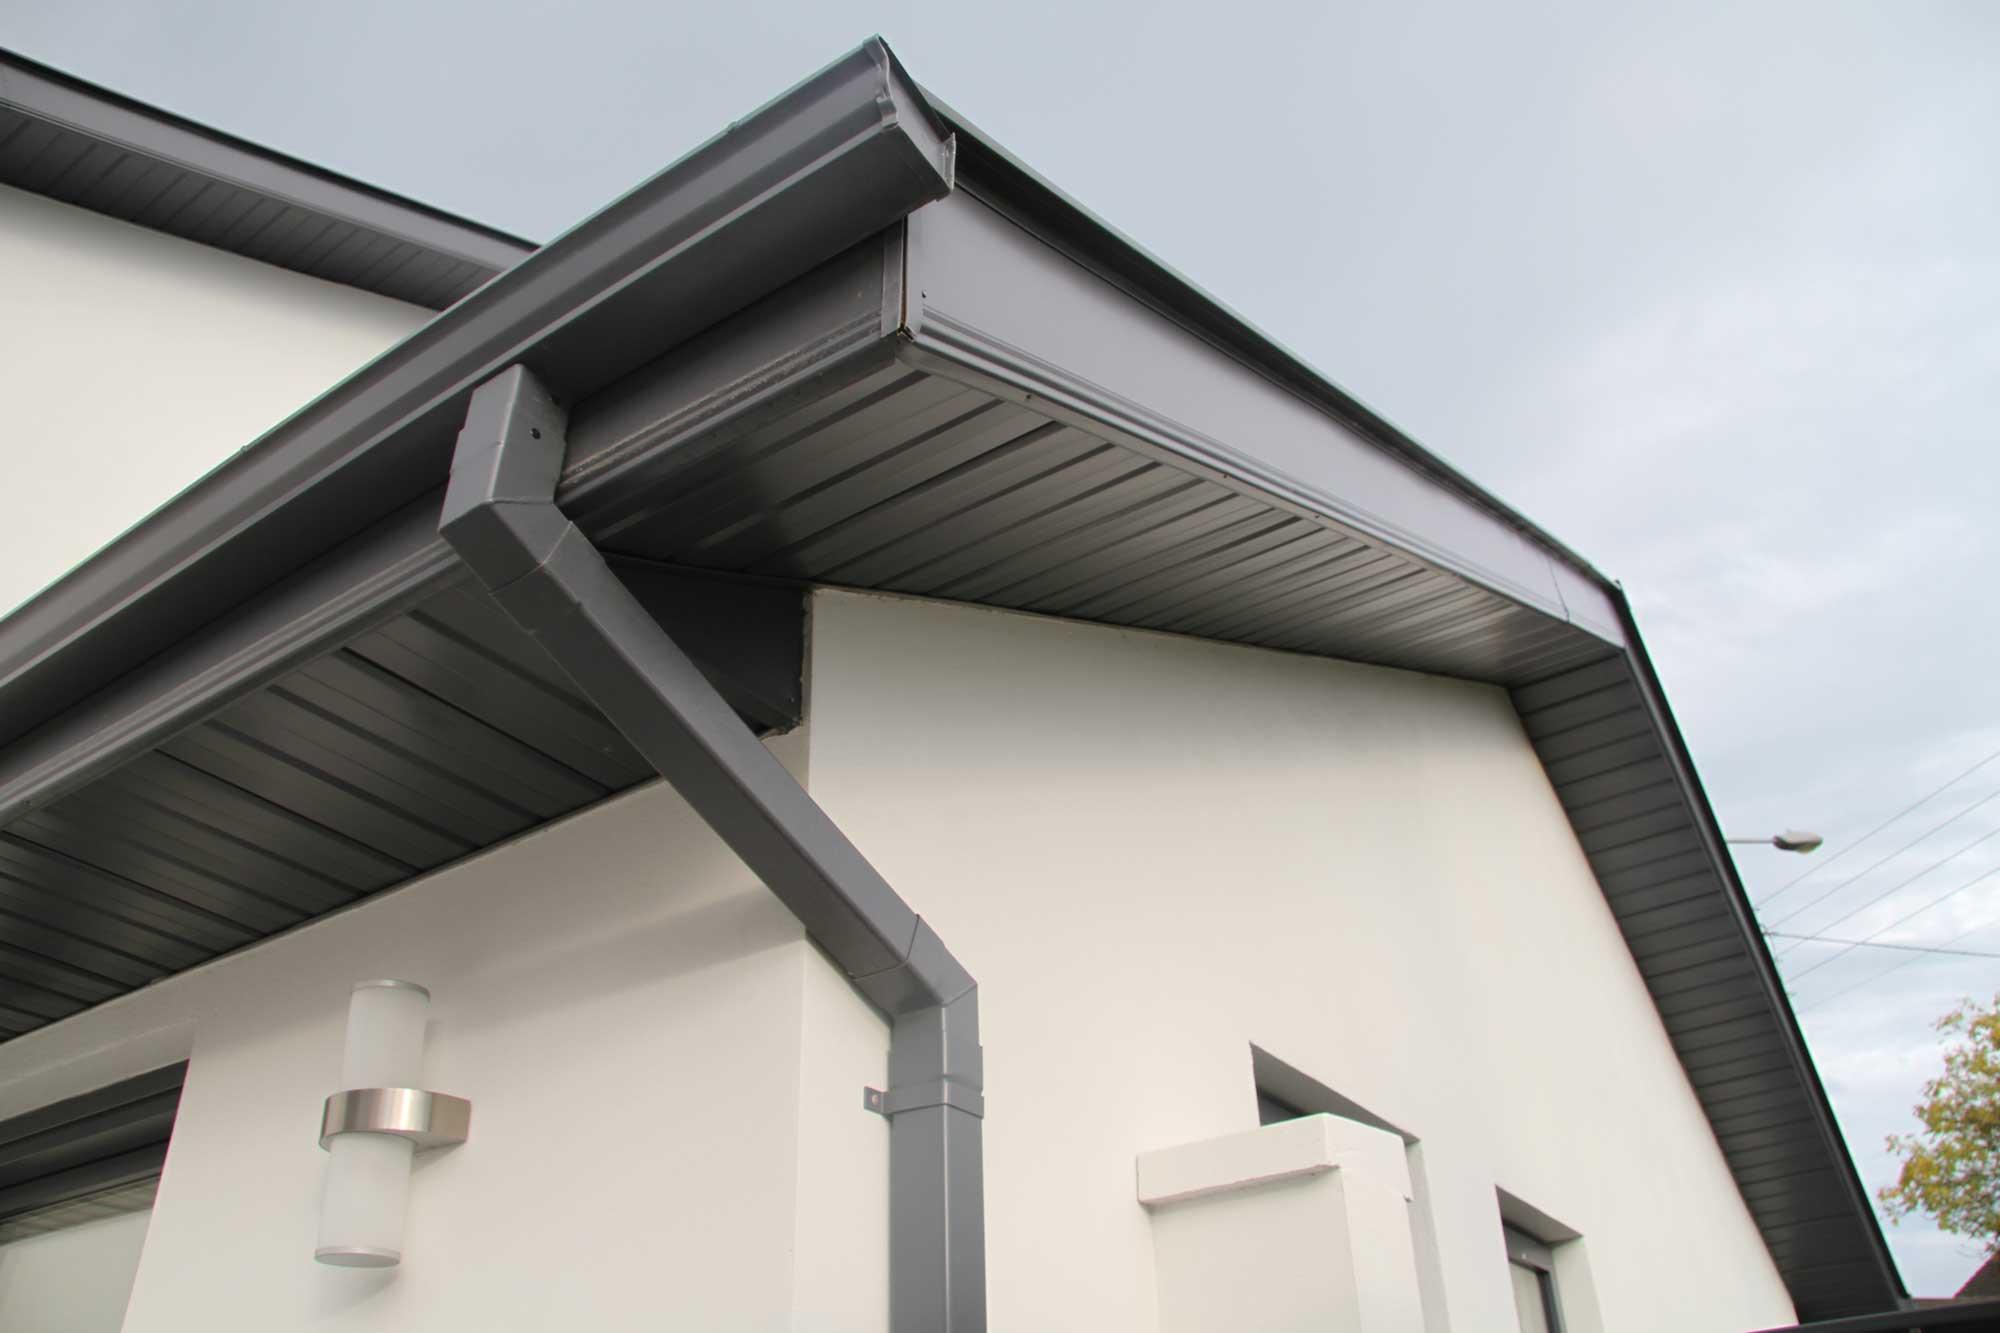 Aluminium Fascia Amp Soffit Systems Seamless Aluminium Uk